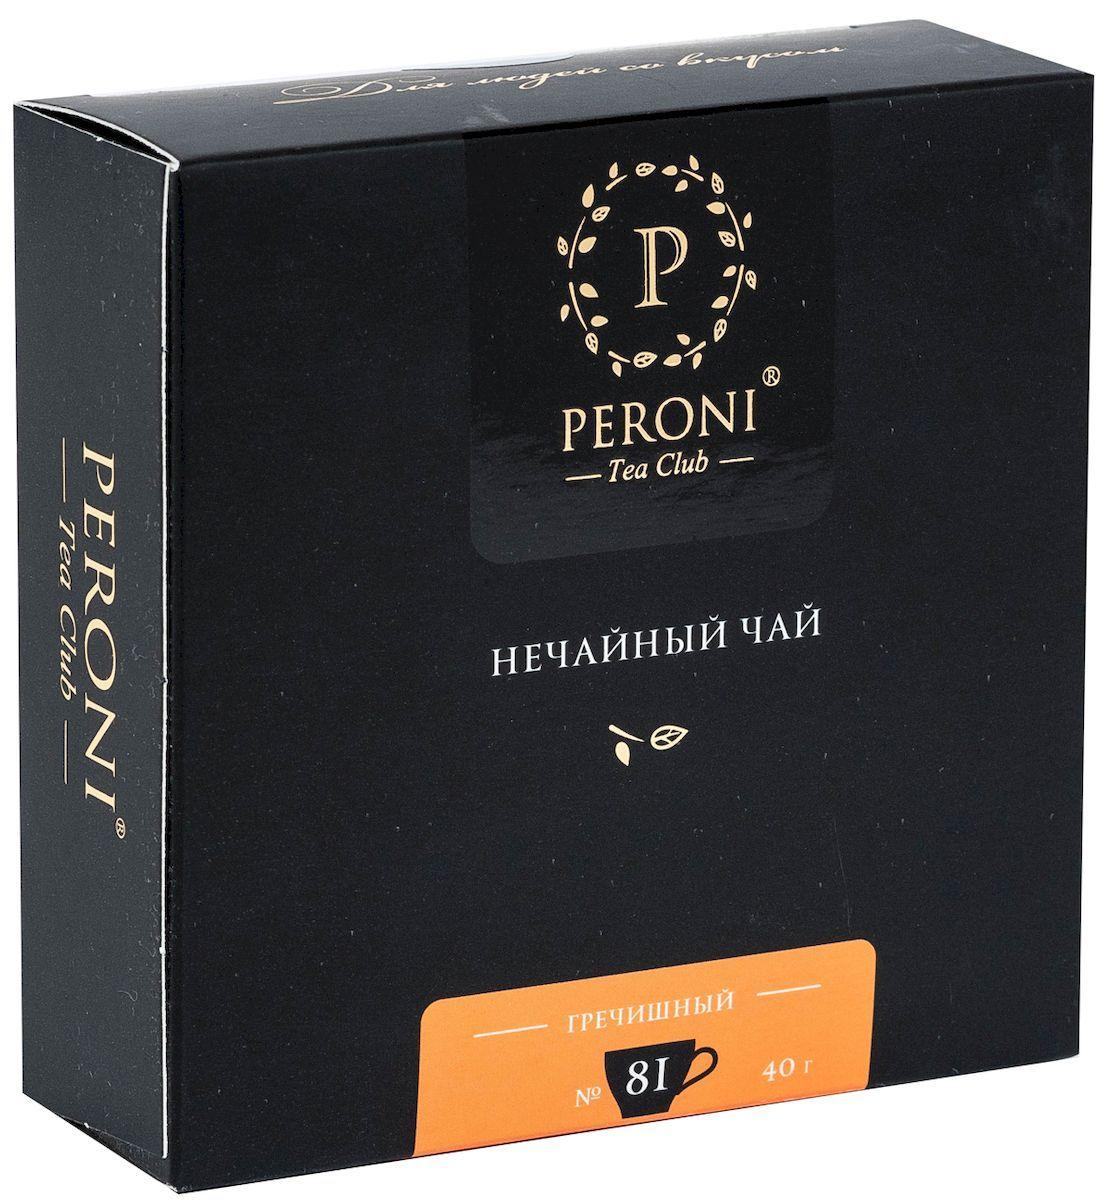 Peroni Гречишный чай травяной, 40 г81tНечайный чай, изготовленный из молодой гречихи, выращенной на Тайване. Напиток нового поколения. Аромат слегка поджаренной корочки черного бисквита. Вкус овсяного печенья с чуть уловимыми нотками специй. Быстро насыщает и согревает желудок, утоляет жажду и придает телу состояние мягкого тонуса. Без консервантов, красителей и ароматизаторов.